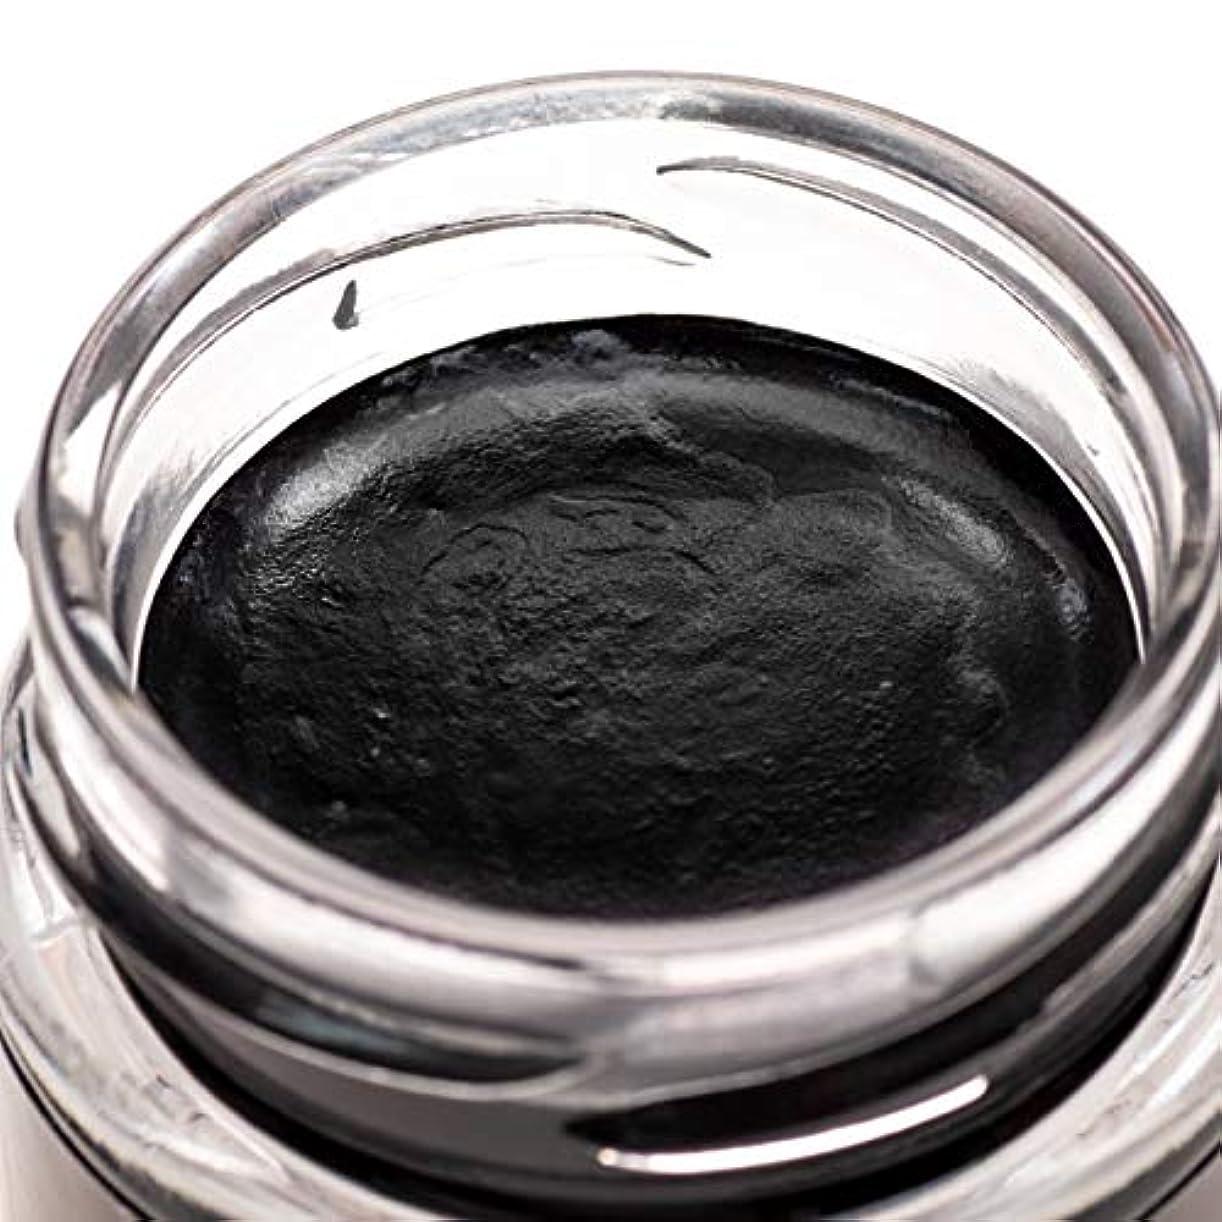 対立シネマ櫛EMAJINY カラーワックス Formal Black F25 ブラック 36g